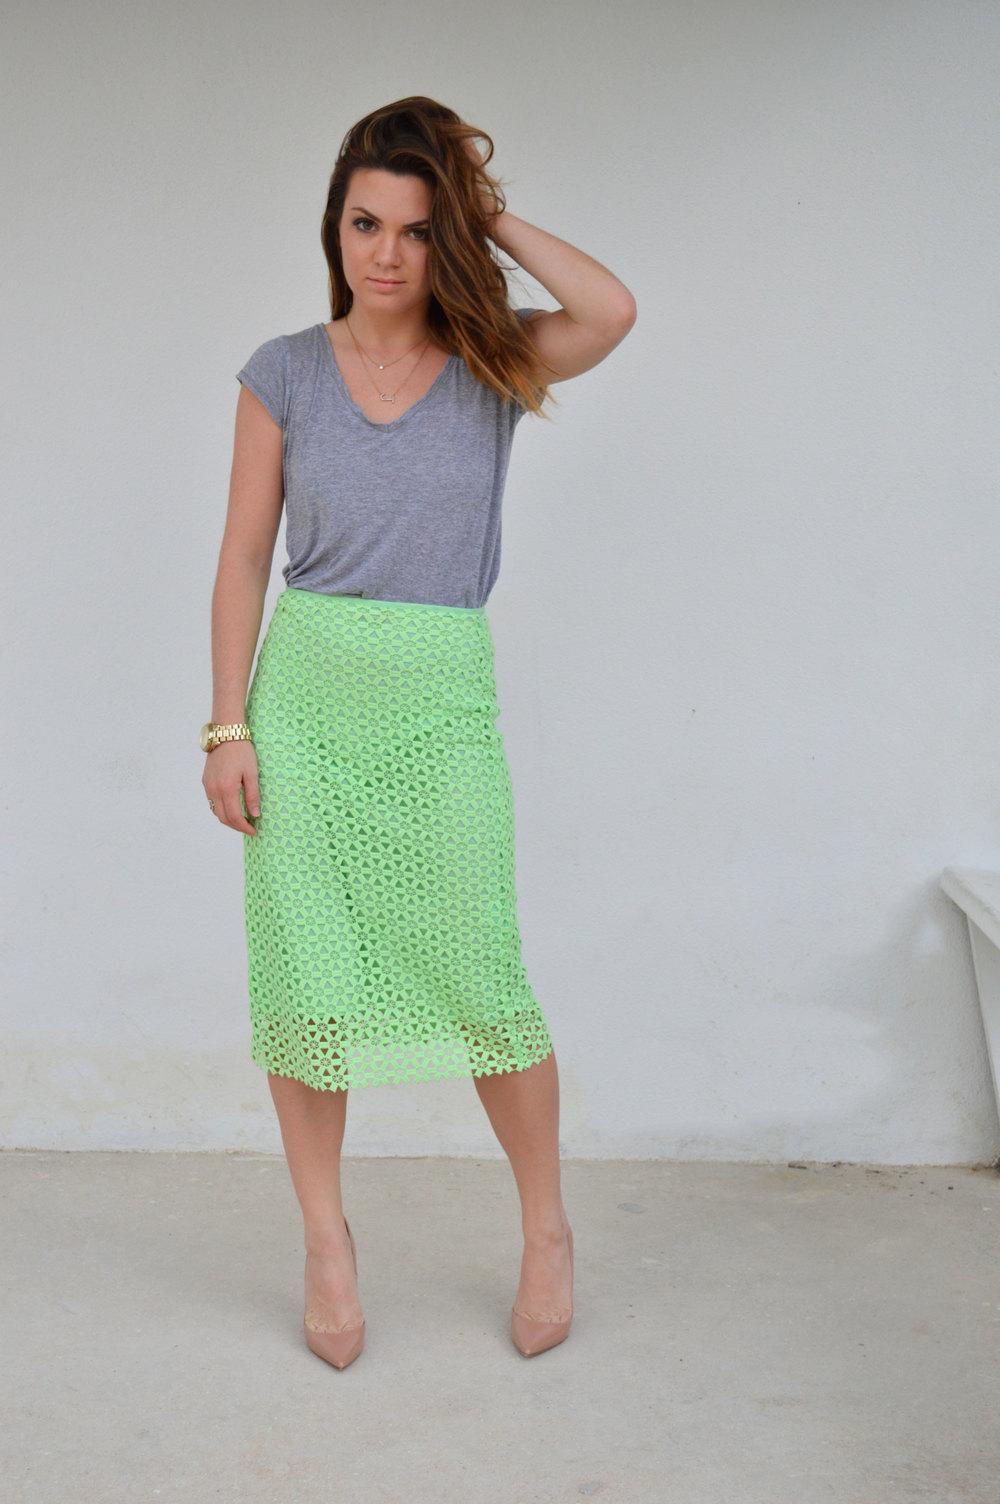 Trybe-ShoeDazzle-Angeni-heels-black-silk-dress-style-blogger-nassau-bahamas-miami-florida.jpeg